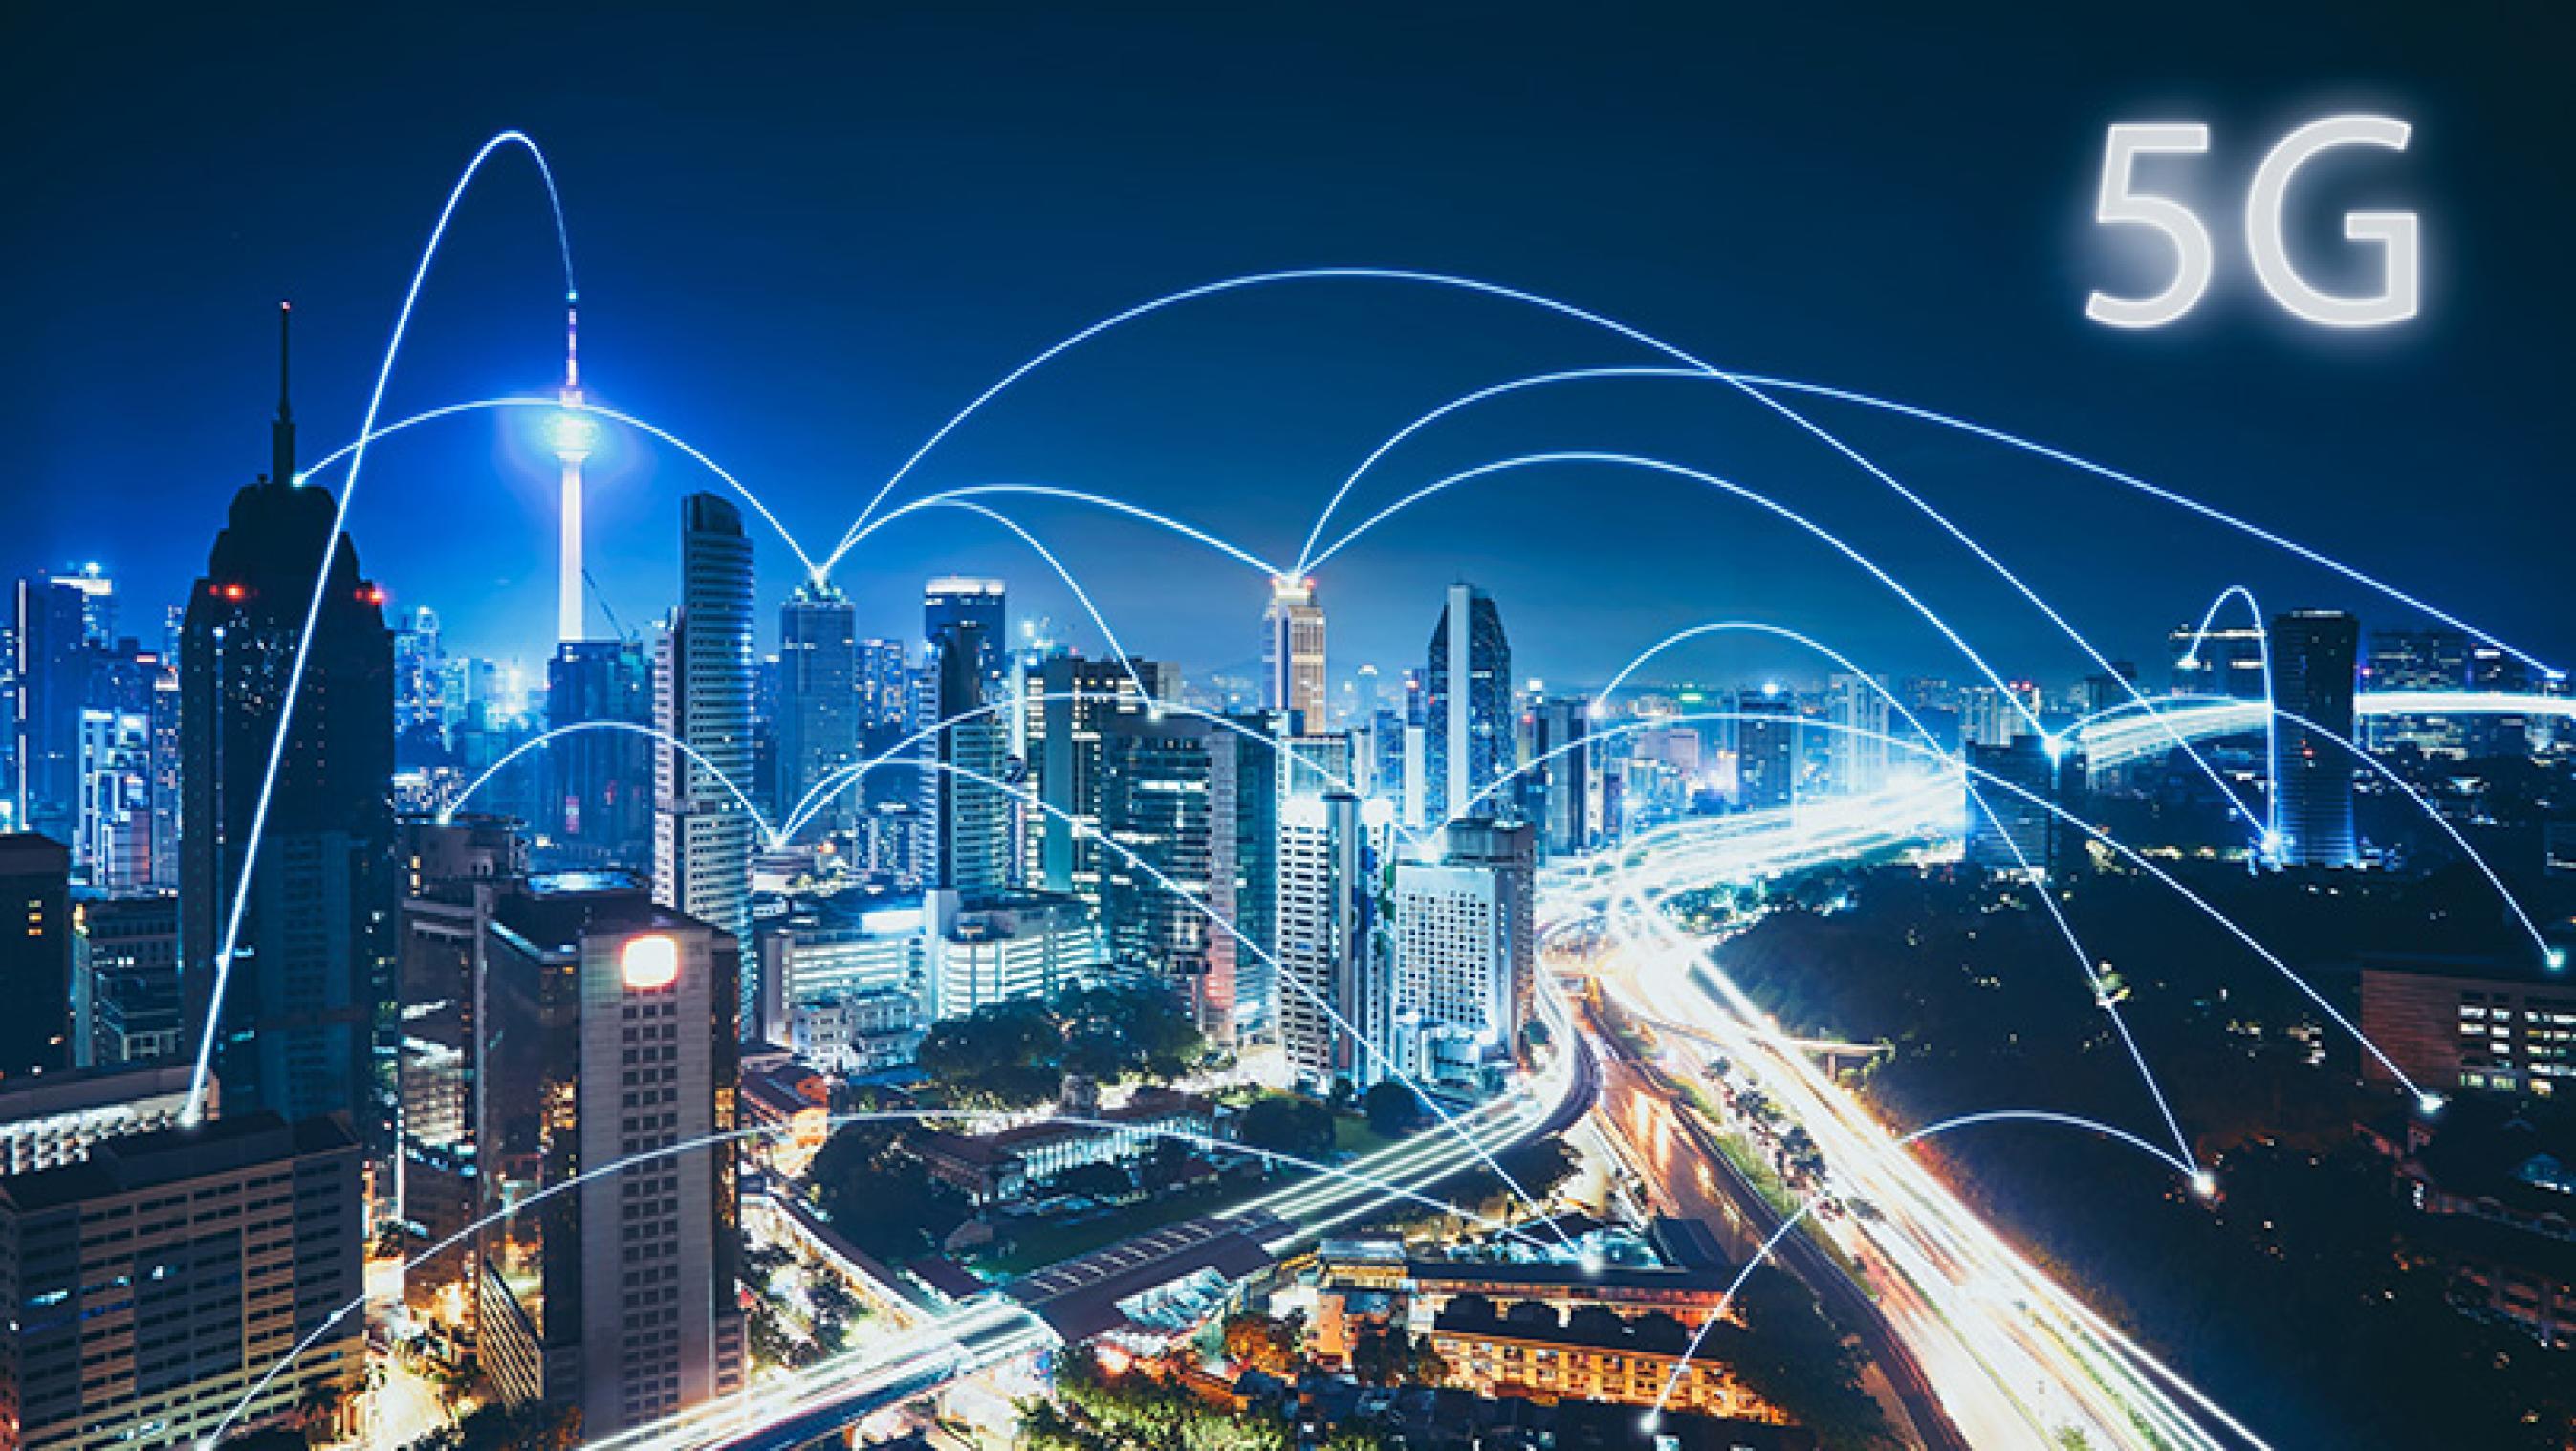 我国每周增加1万多个5G基站 5G客户累计已超3600万